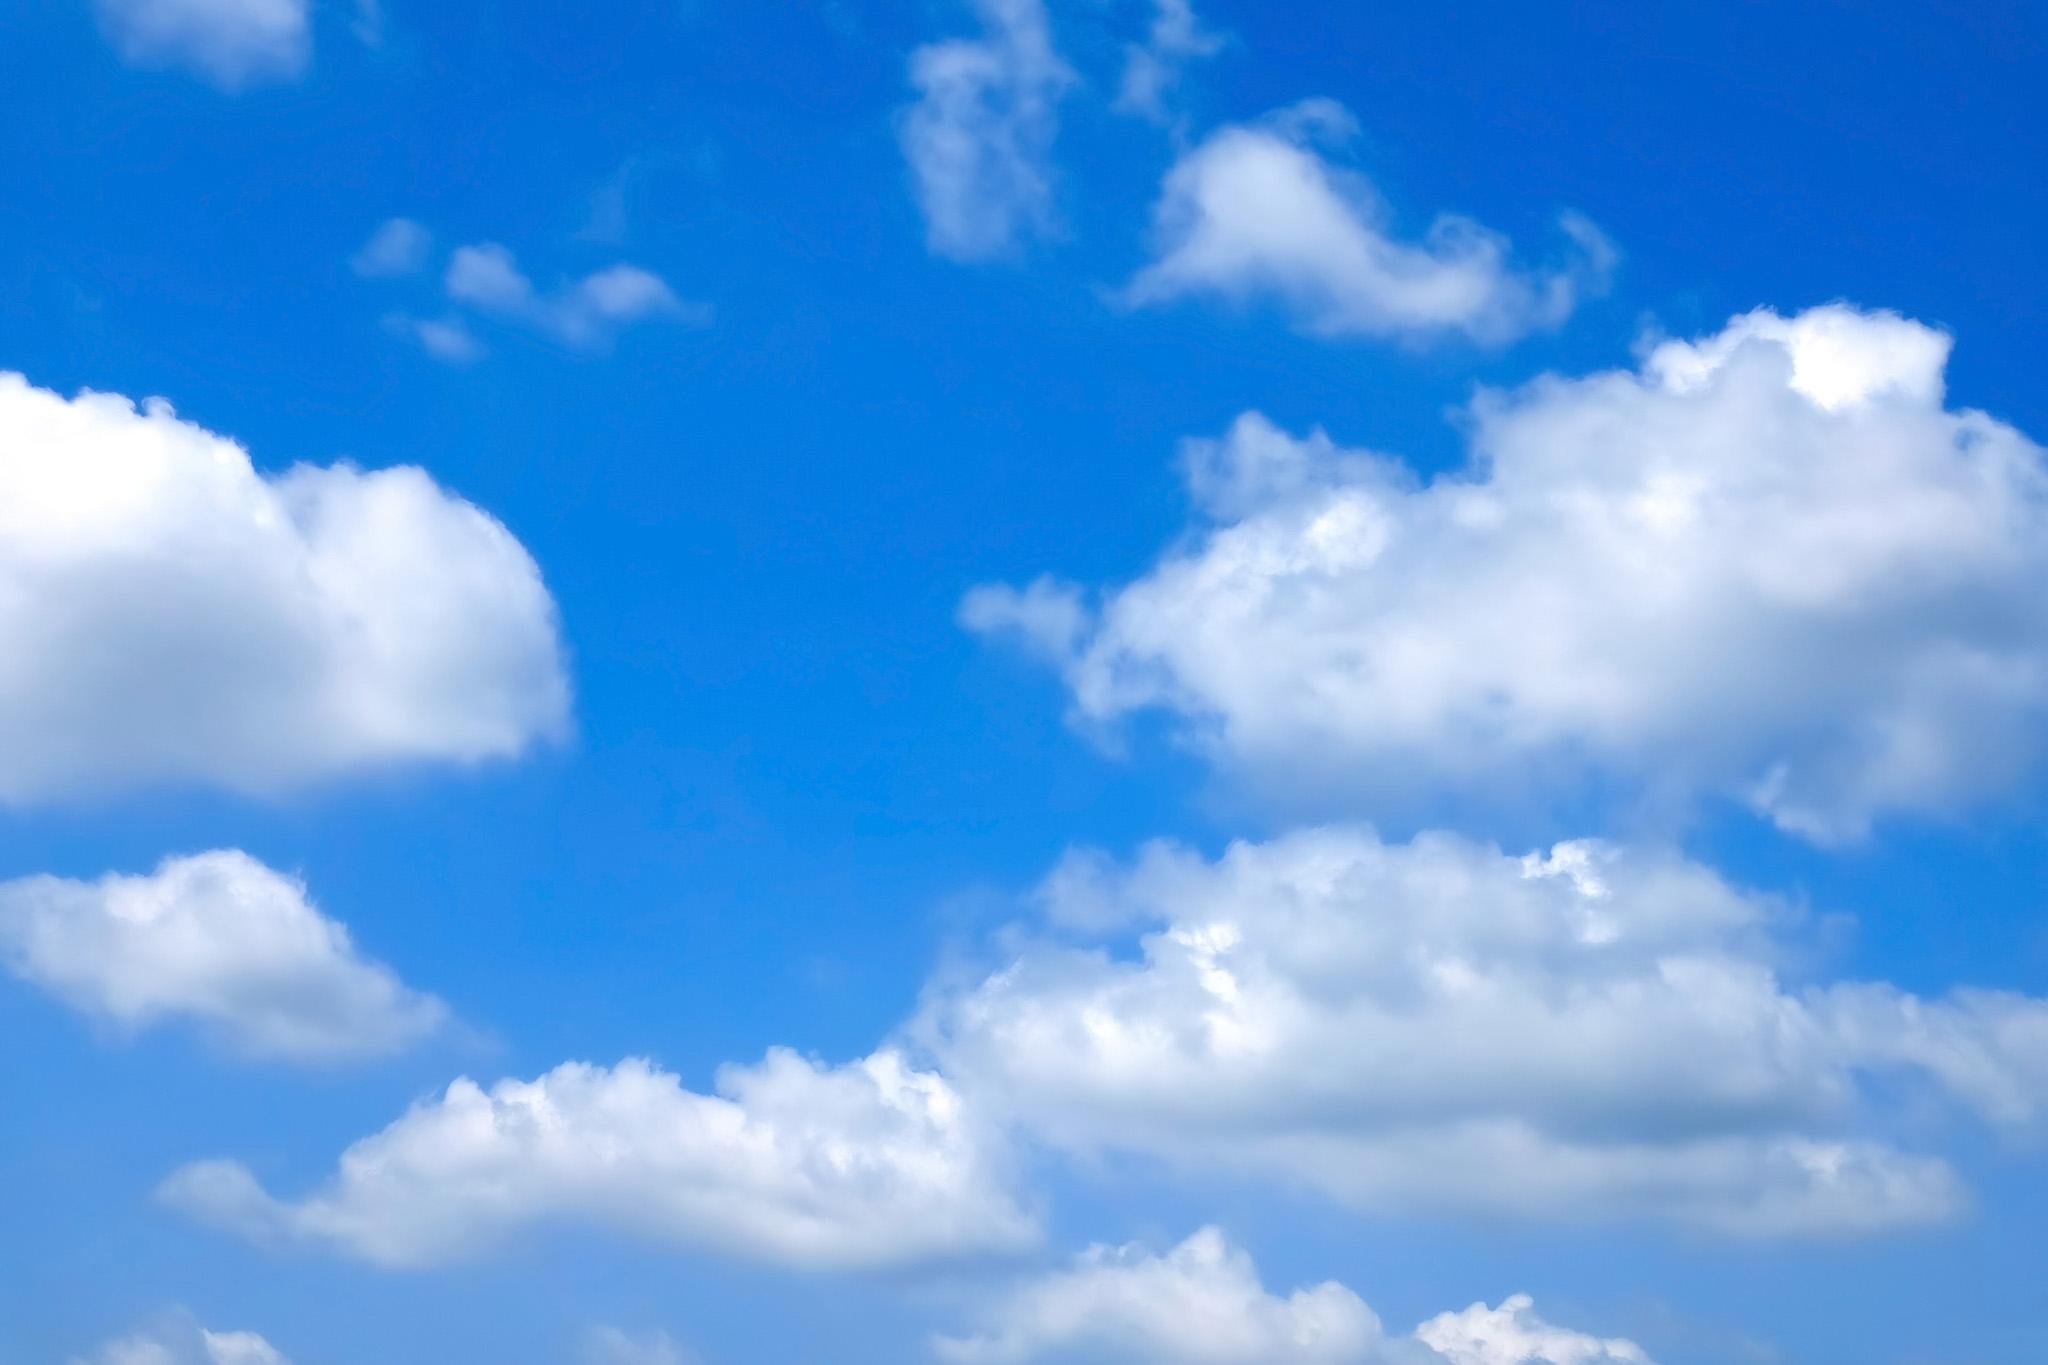 「青空に連なる大きな積雲」